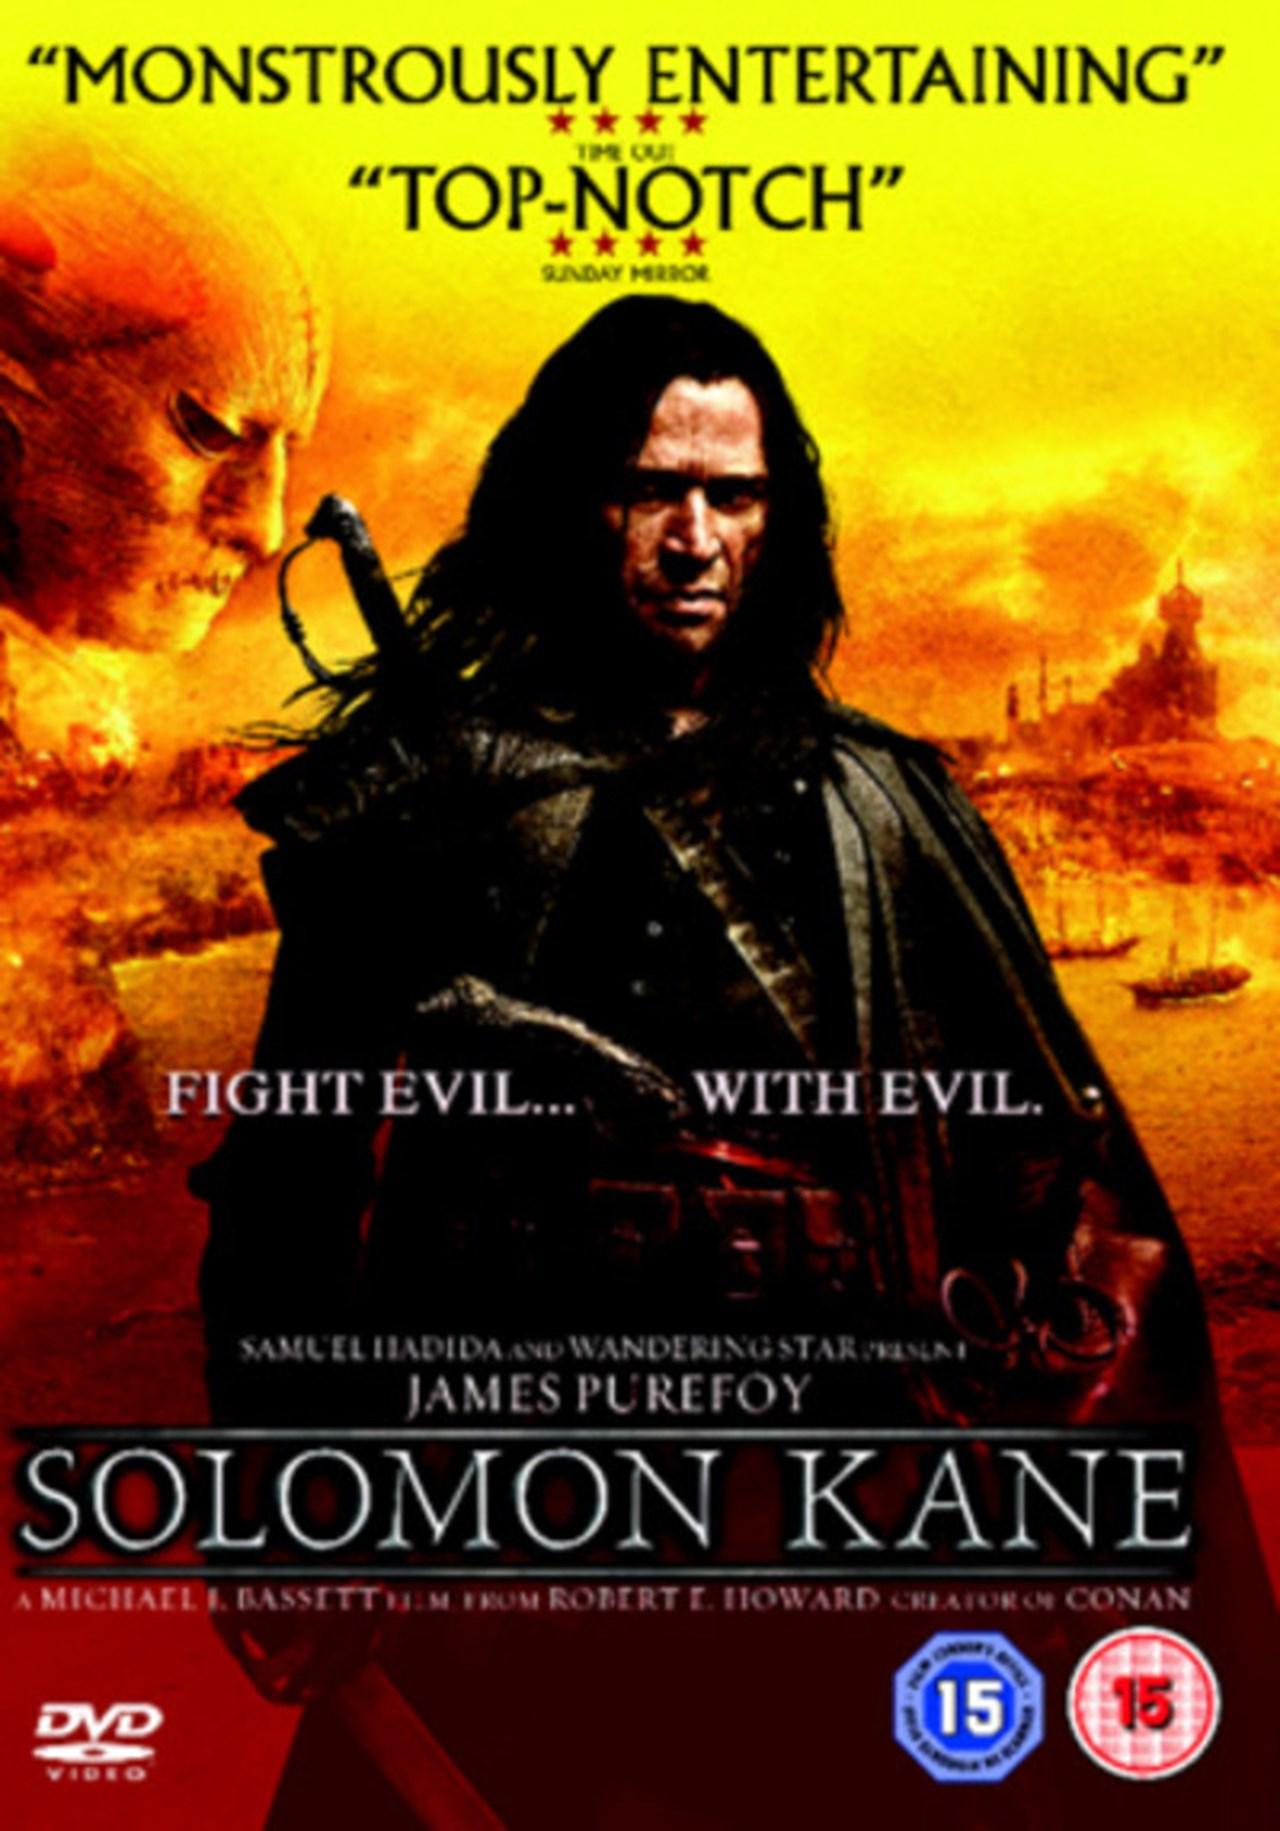 Solomon Kane - 1